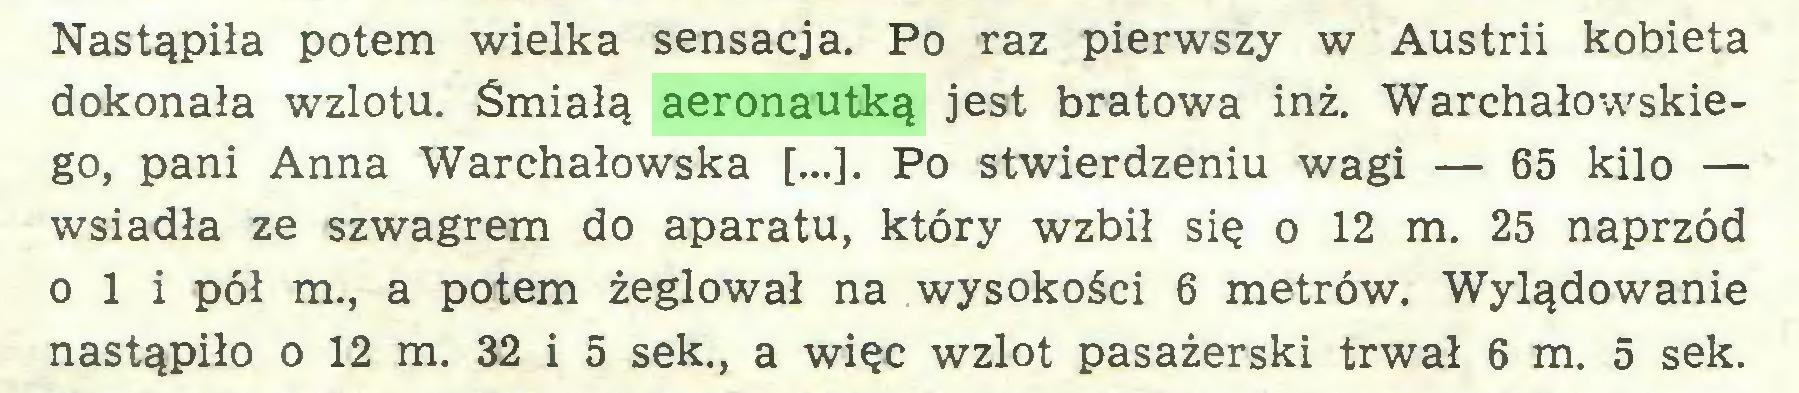 (...) Nastąpiła potem wielka sensacja. Po raz pierwszy w Austrii kobieta dokonała wzlotu. Śmiałą aeronautką jest bratowa inż. Warchałowskiego, pani Anna Warchałowska [...]. Po stwierdzeniu wagi — 65 kilo — wsiadła ze szwagrem do aparatu, który wzbił się o 12 m. 25 naprzód o 1 i pół m., a potem żeglował na wysokości 6 metrów. Wylądowanie nastąpiło o 12 m. 32 i 5 sek., a więc wzlot pasażerski trwał 6 m. 5 sek...